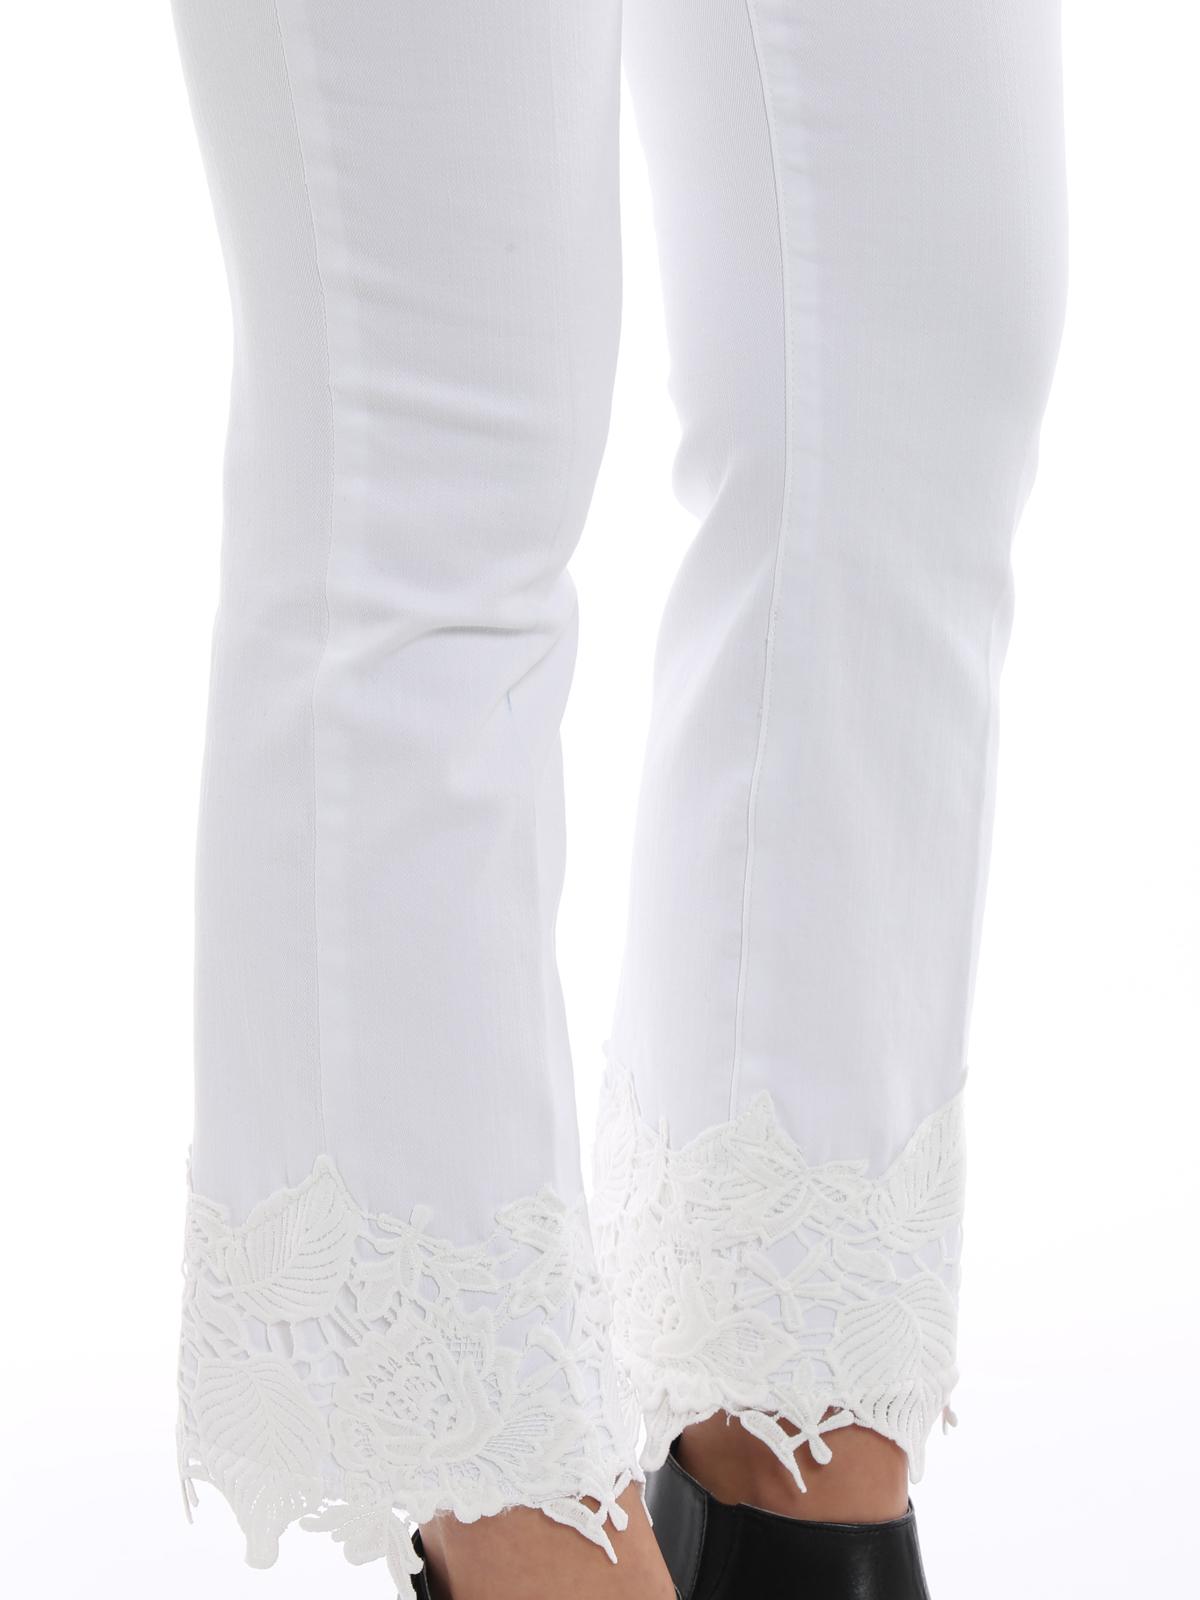 9daeceb7267b8 J Brand - Selena white crop bootcut jeans - bootcut jeans - JB000898 ...